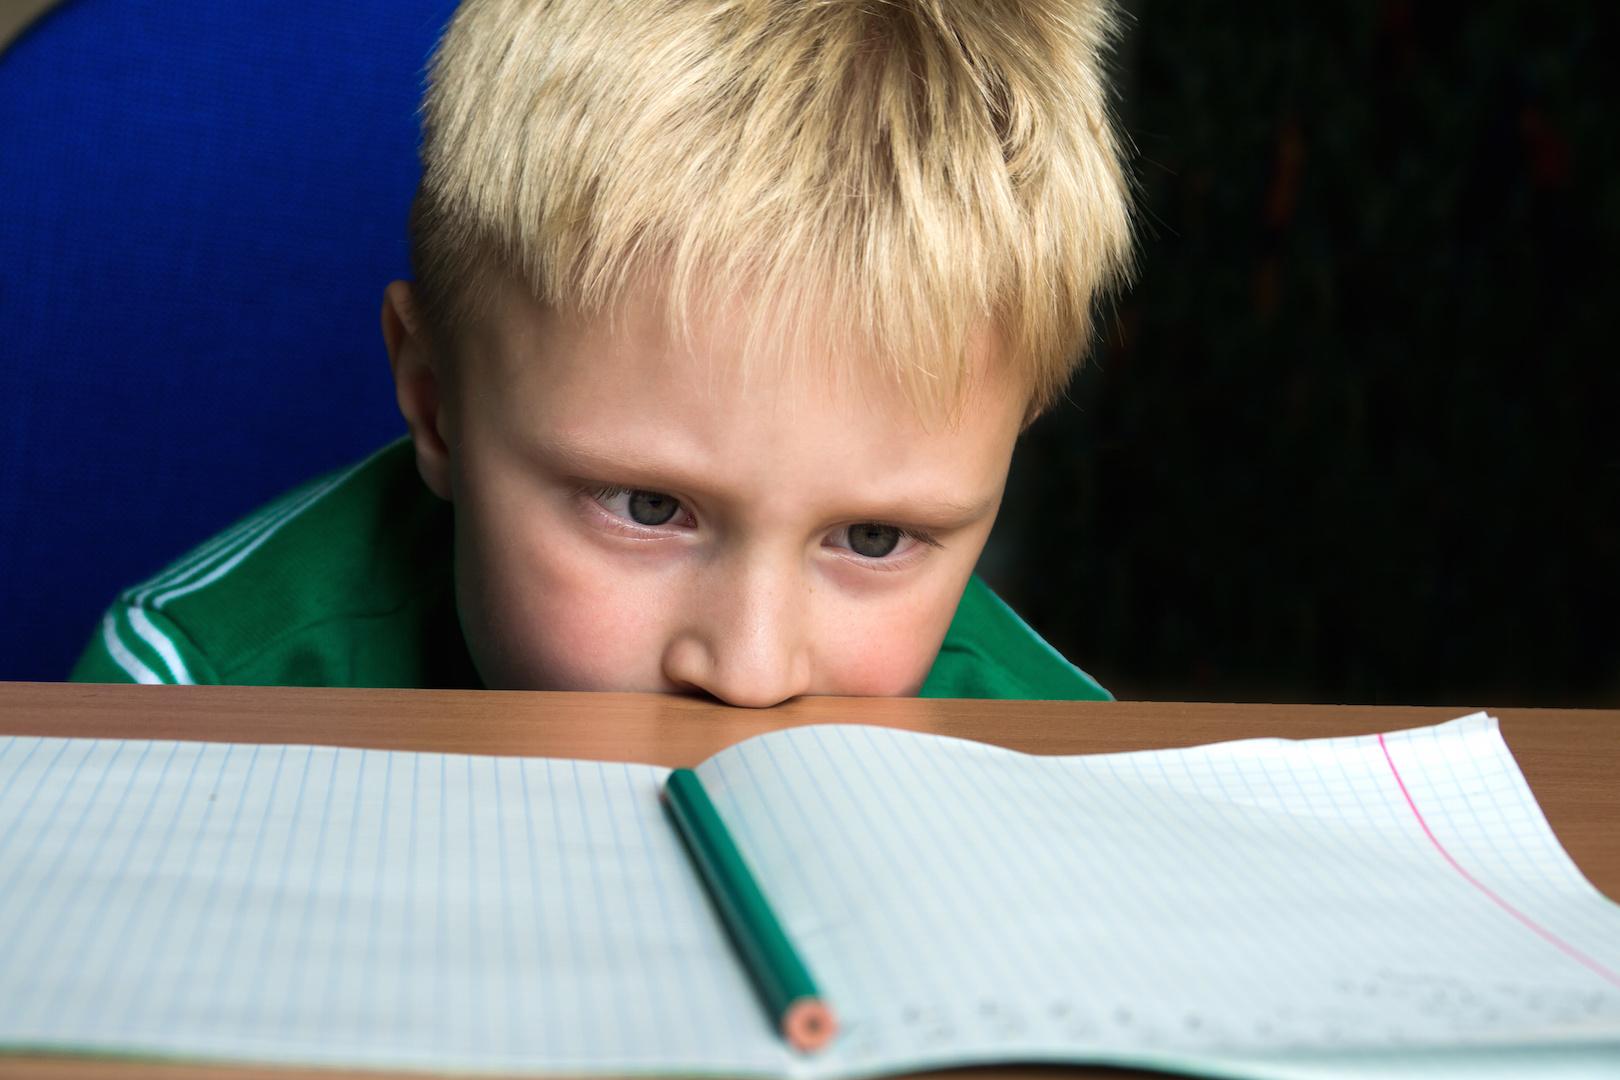 504 Plans: Get Your Child's Needs Met